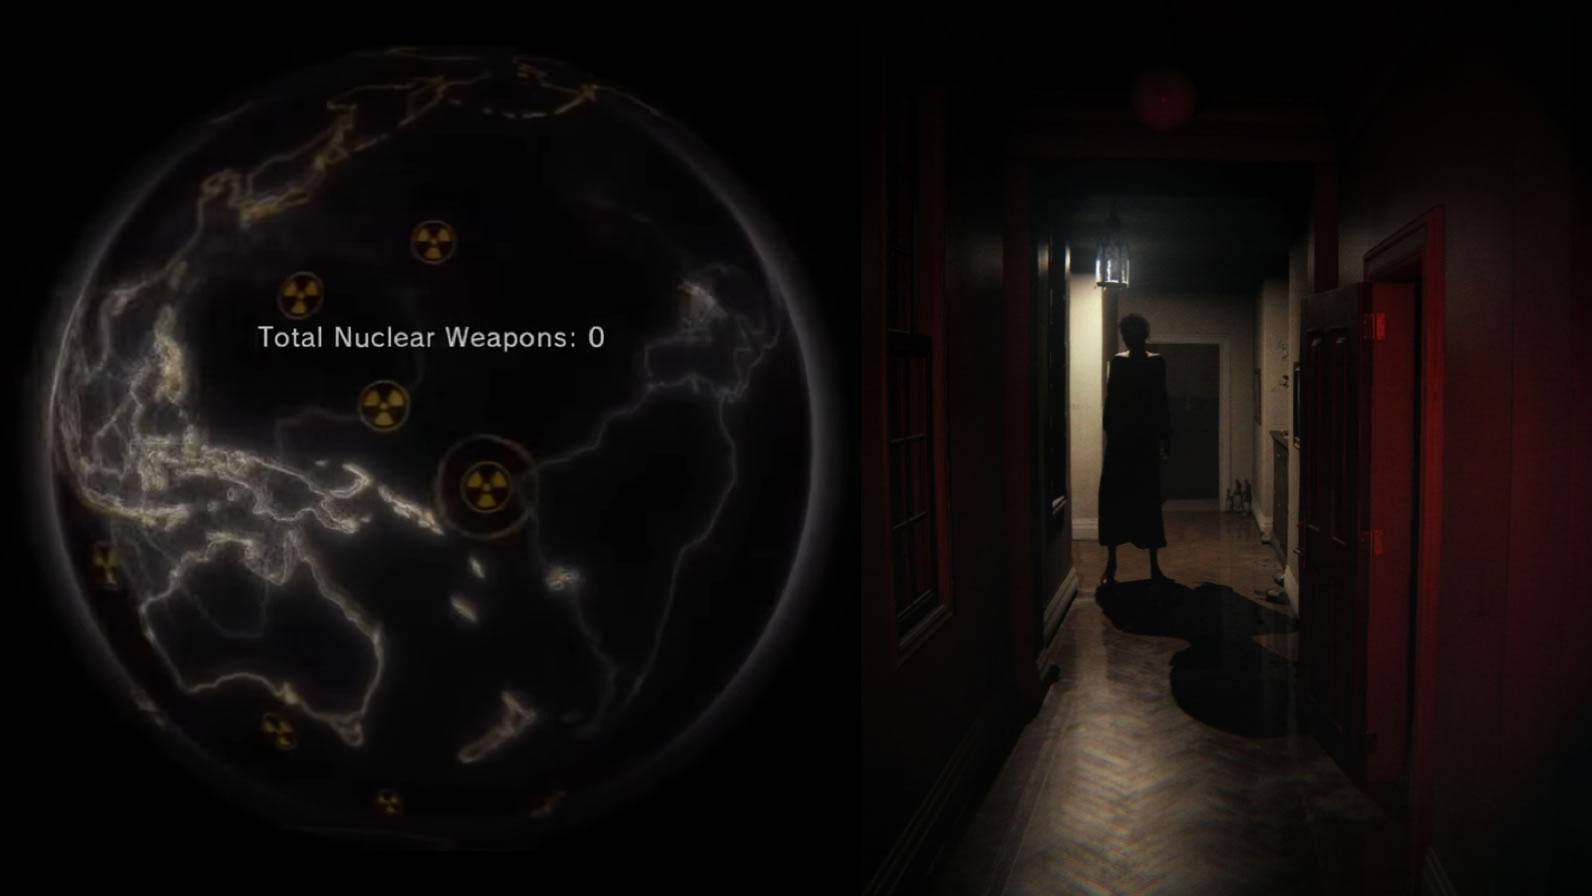 Le désarmement nucléaire de Metal Gear Solid V : The Phantom Pain (2015), et le couloir hanté par Lisa de PT (2014)